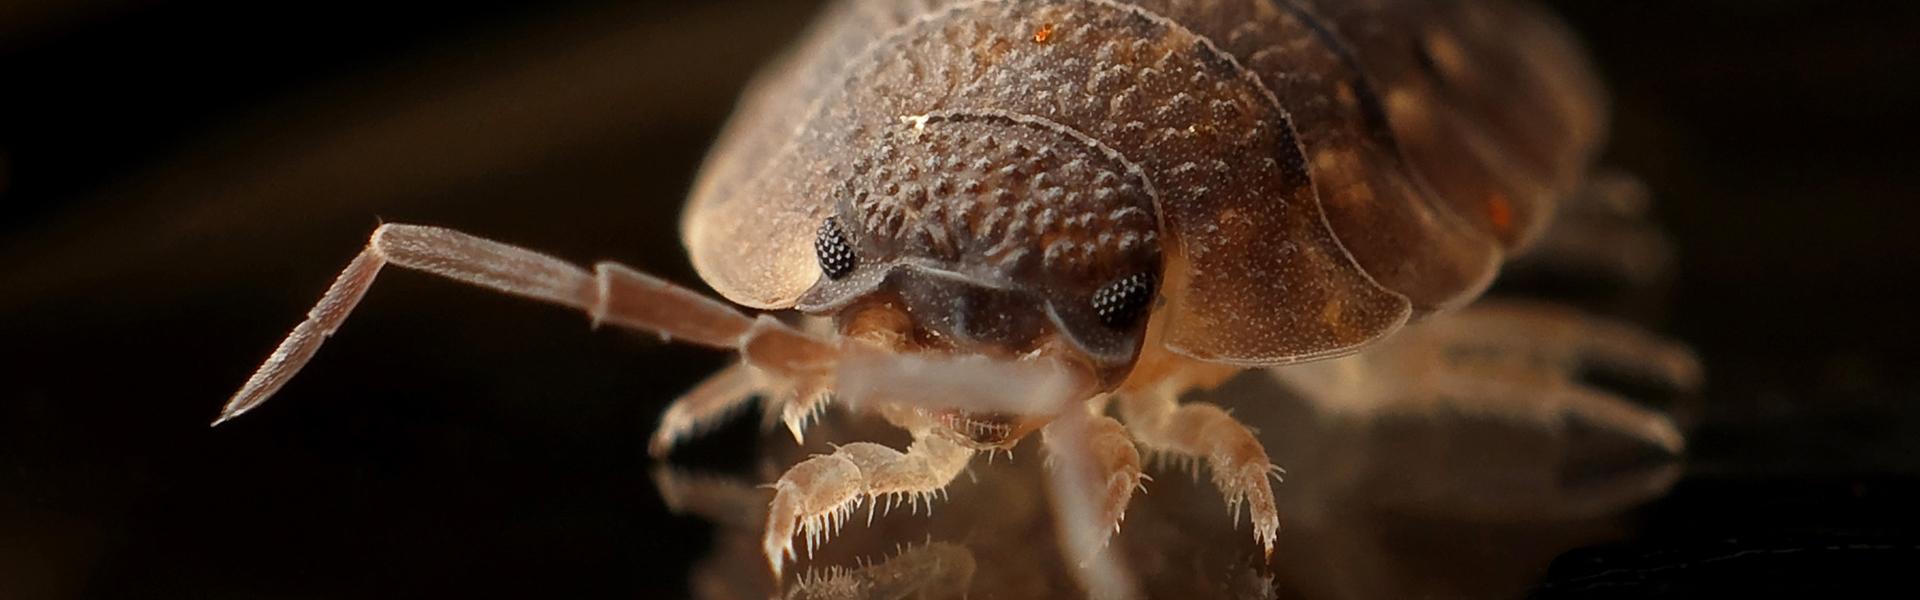 Slider-Pest